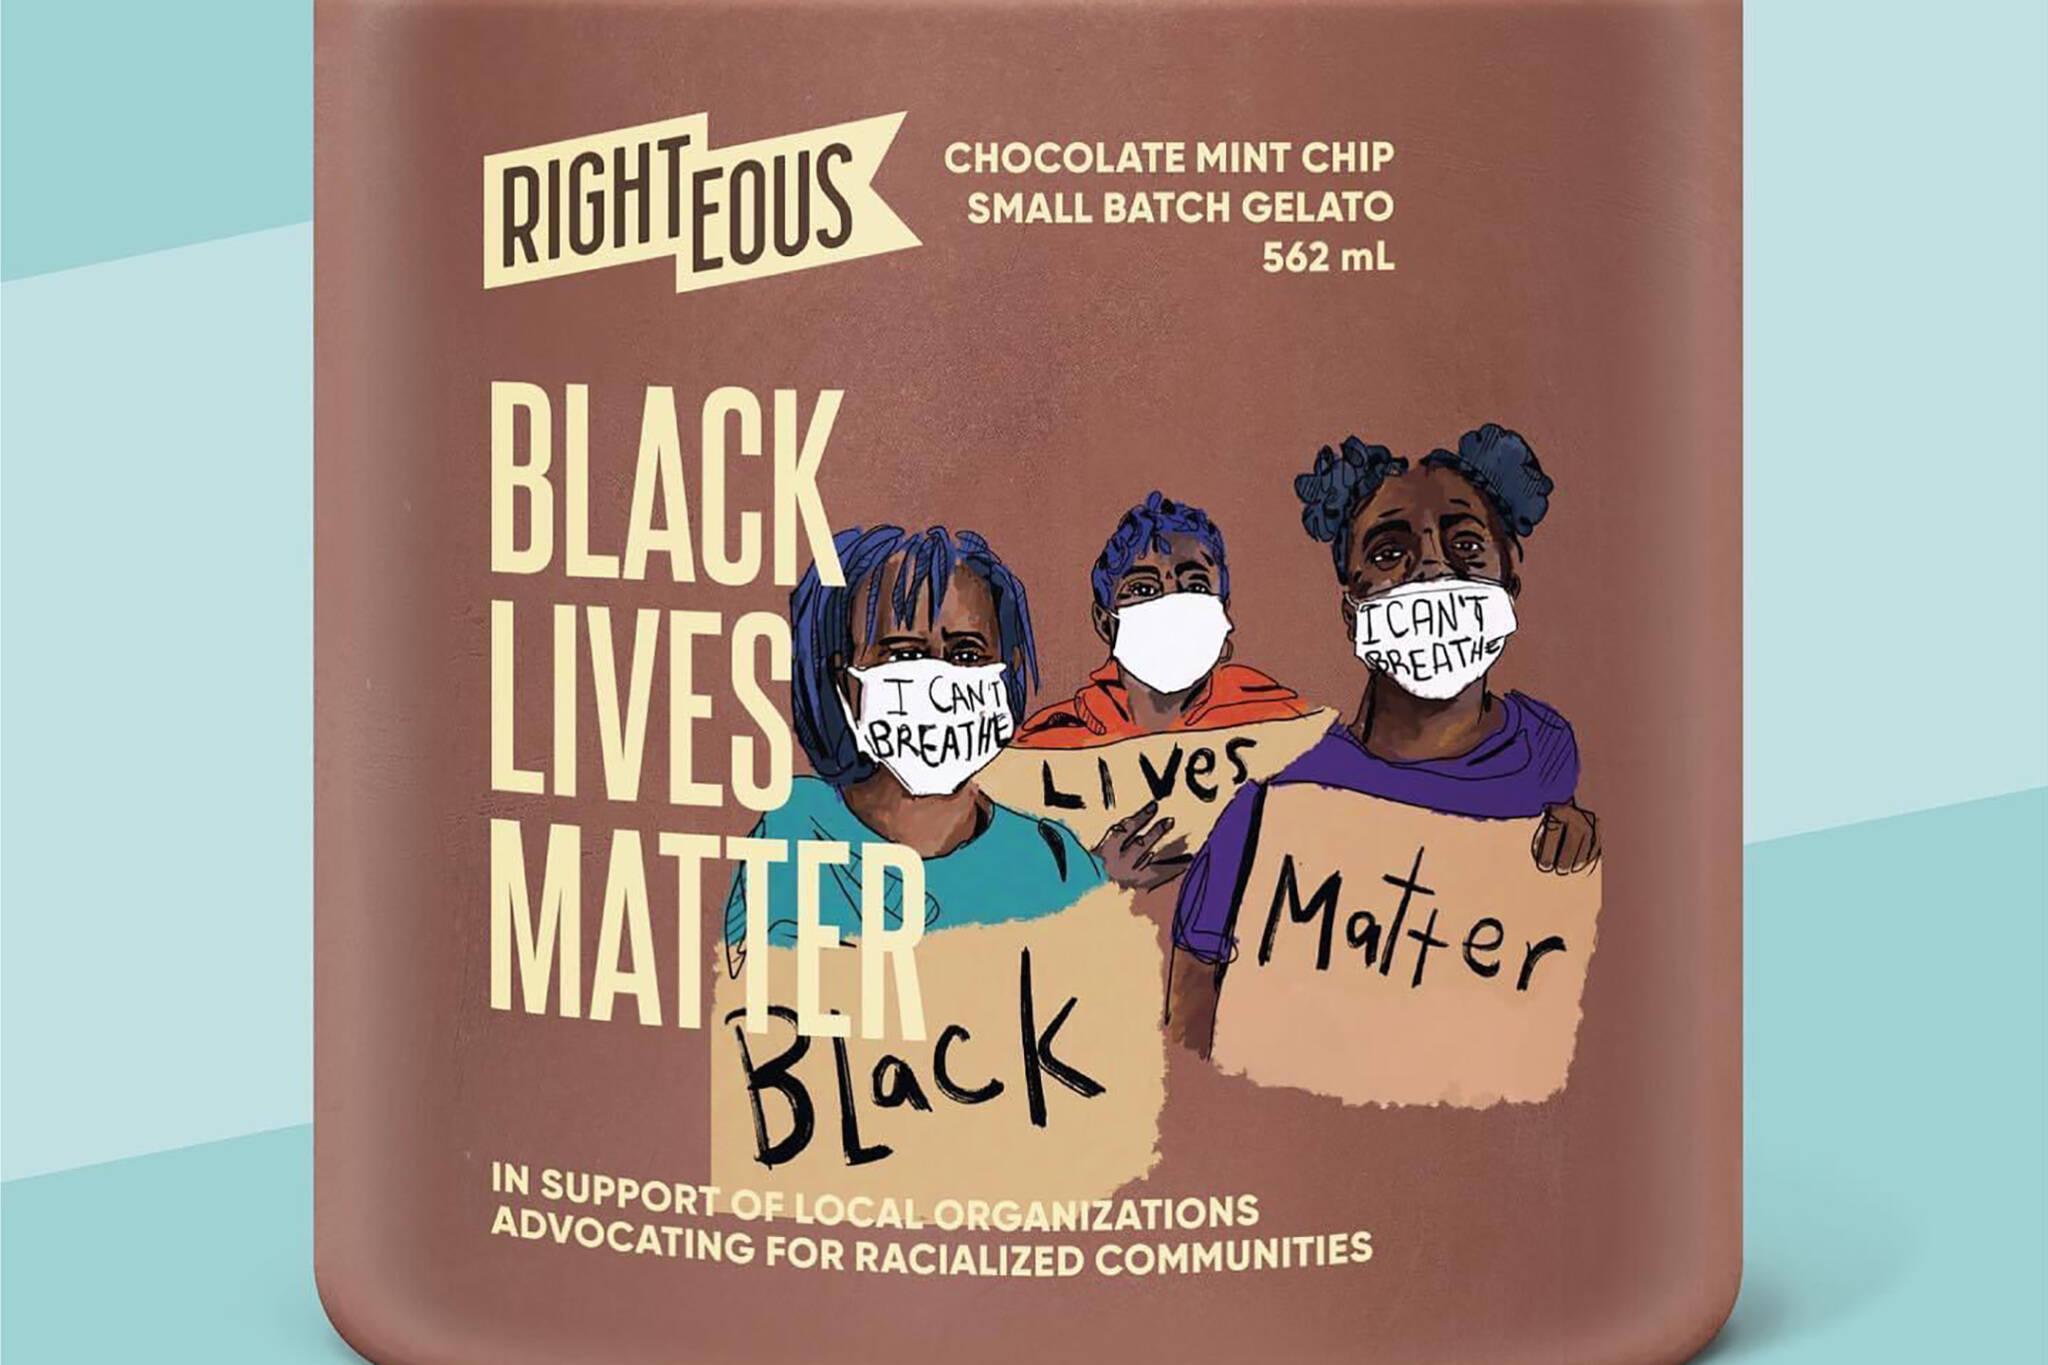 righteous gelato black lives matter